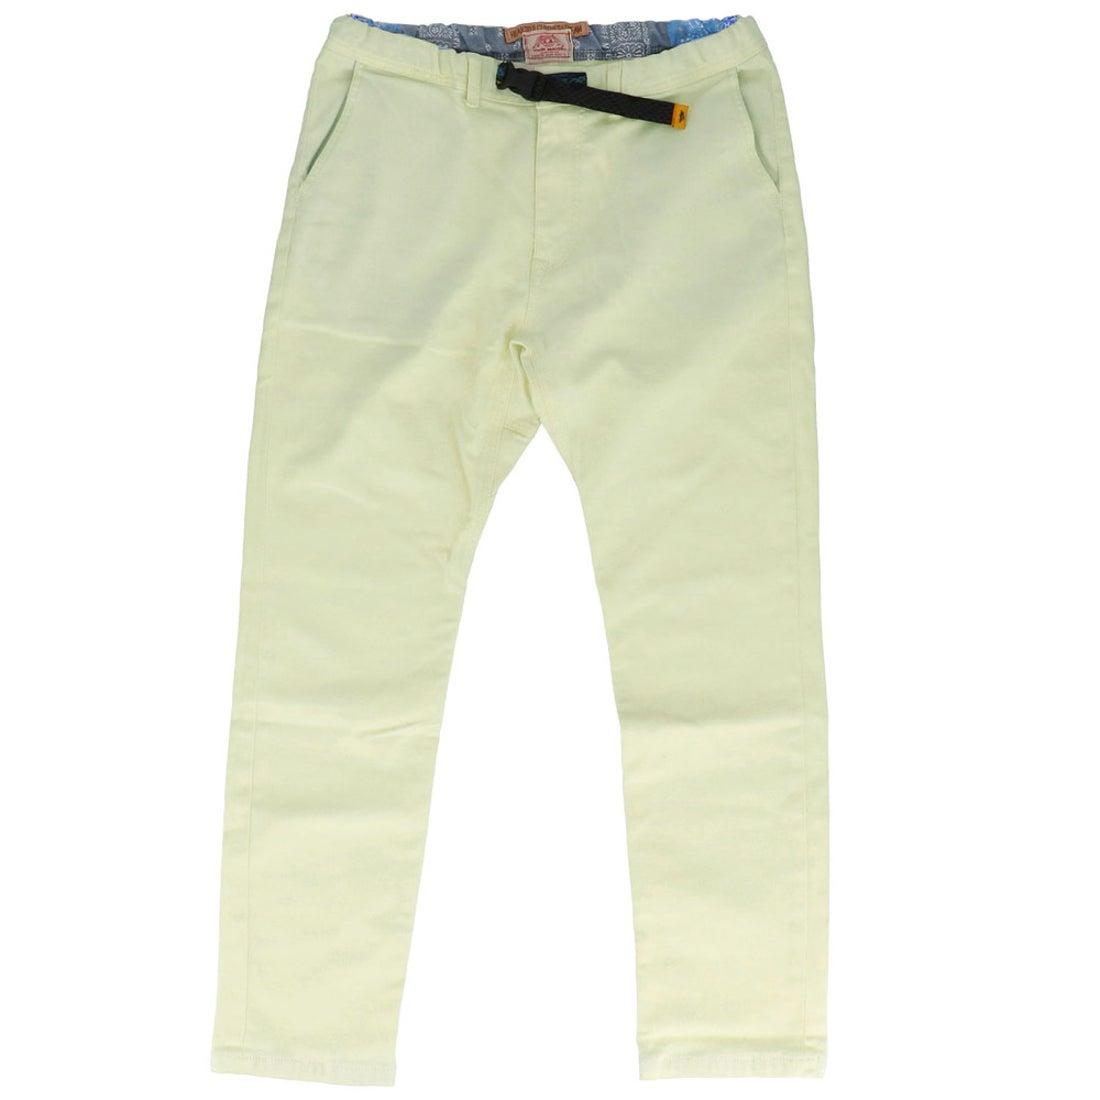 ロコンド 靴とファッションの通販サイトノーブランド No Brand KRIFF MAYER クリフメイヤー ツイルクライミングパンツ (1ホワイト)